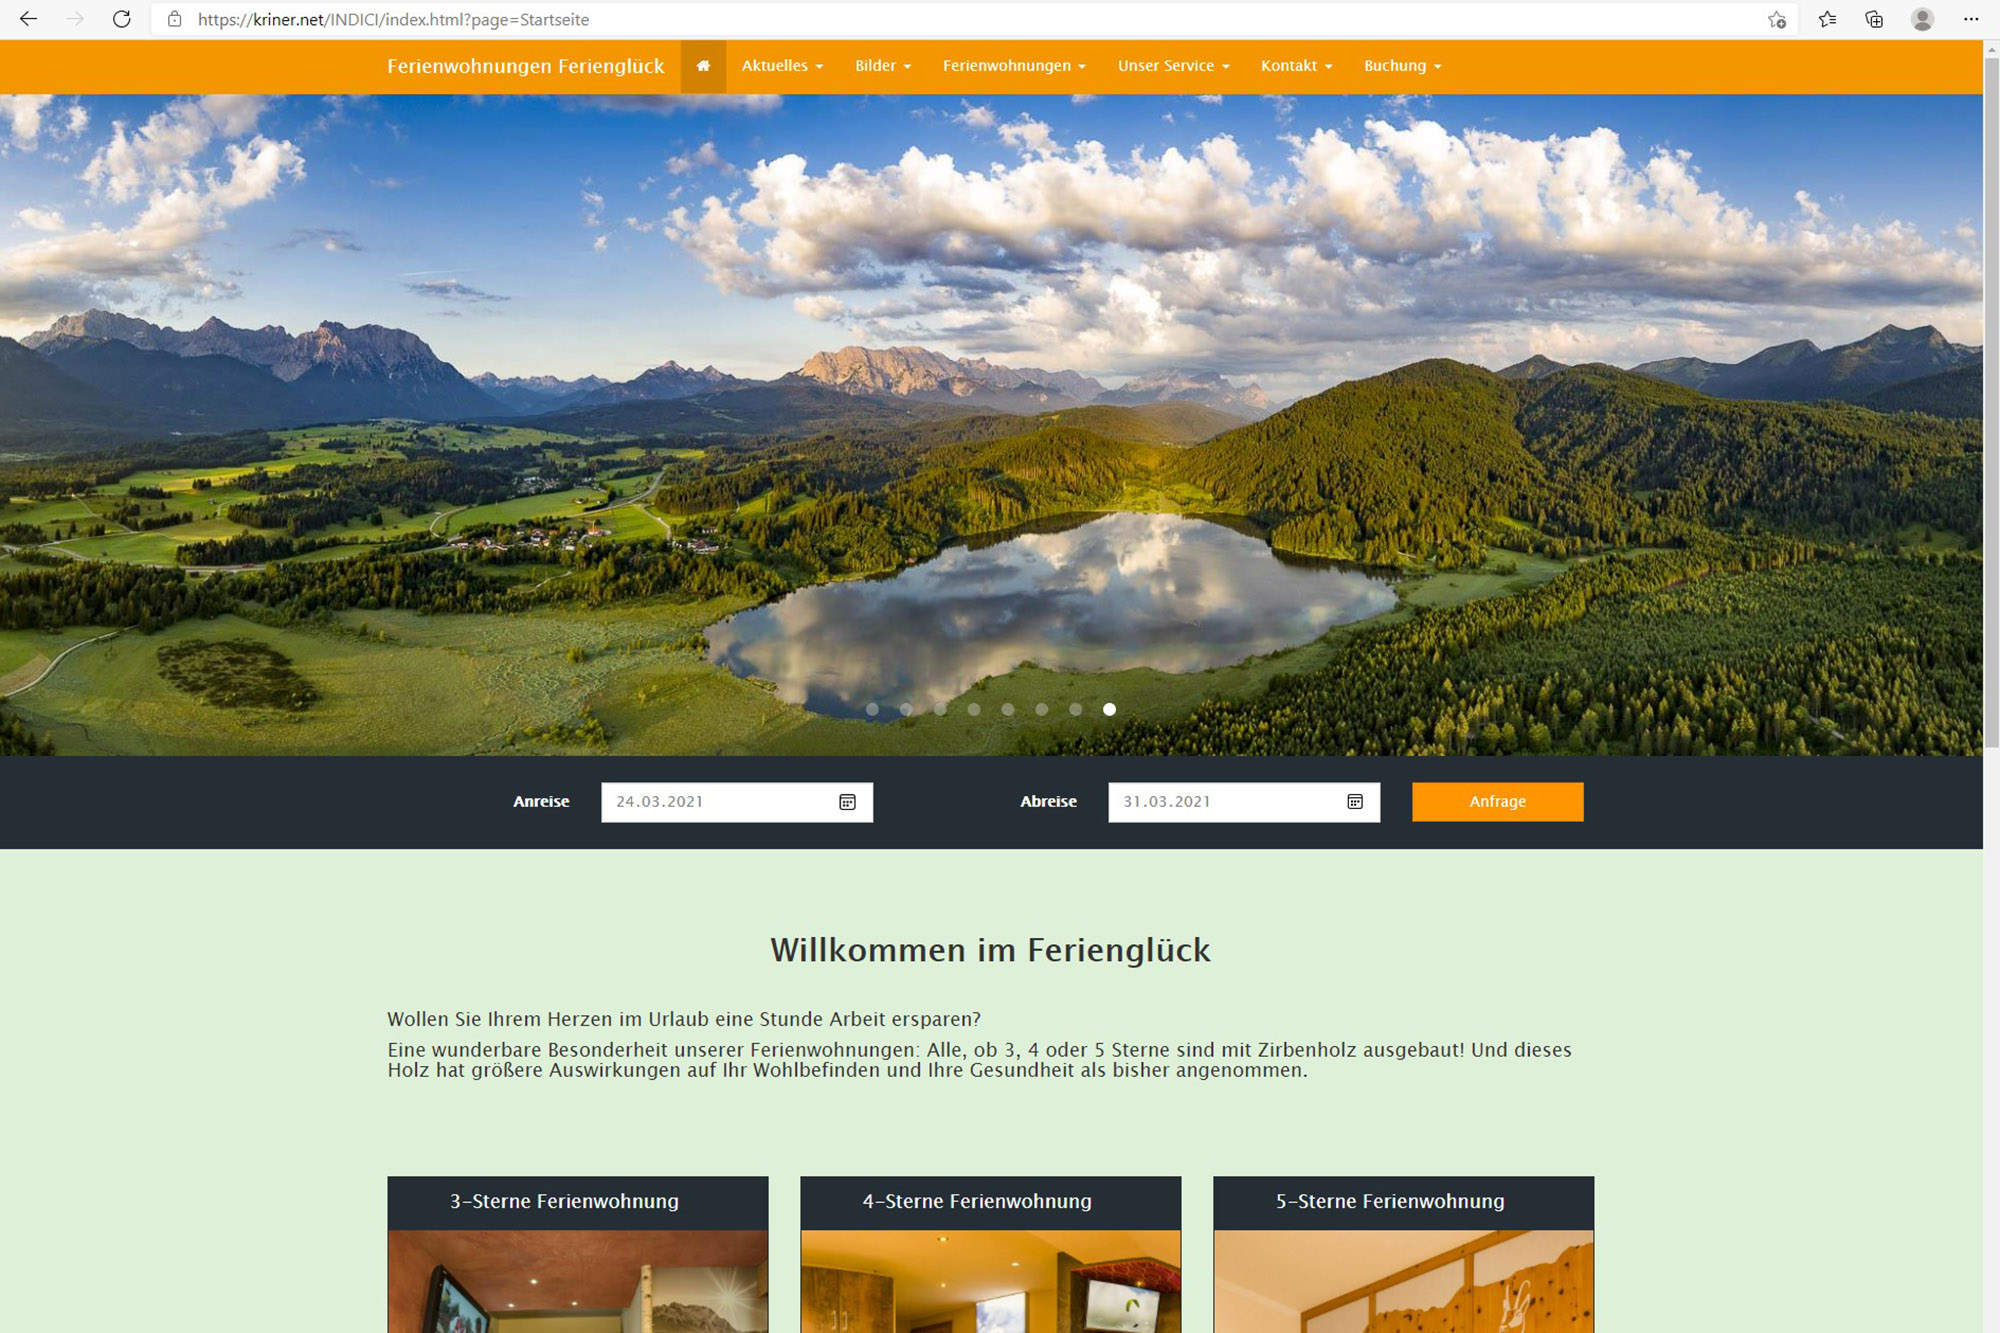 INDICI Webseite Ferienglueck